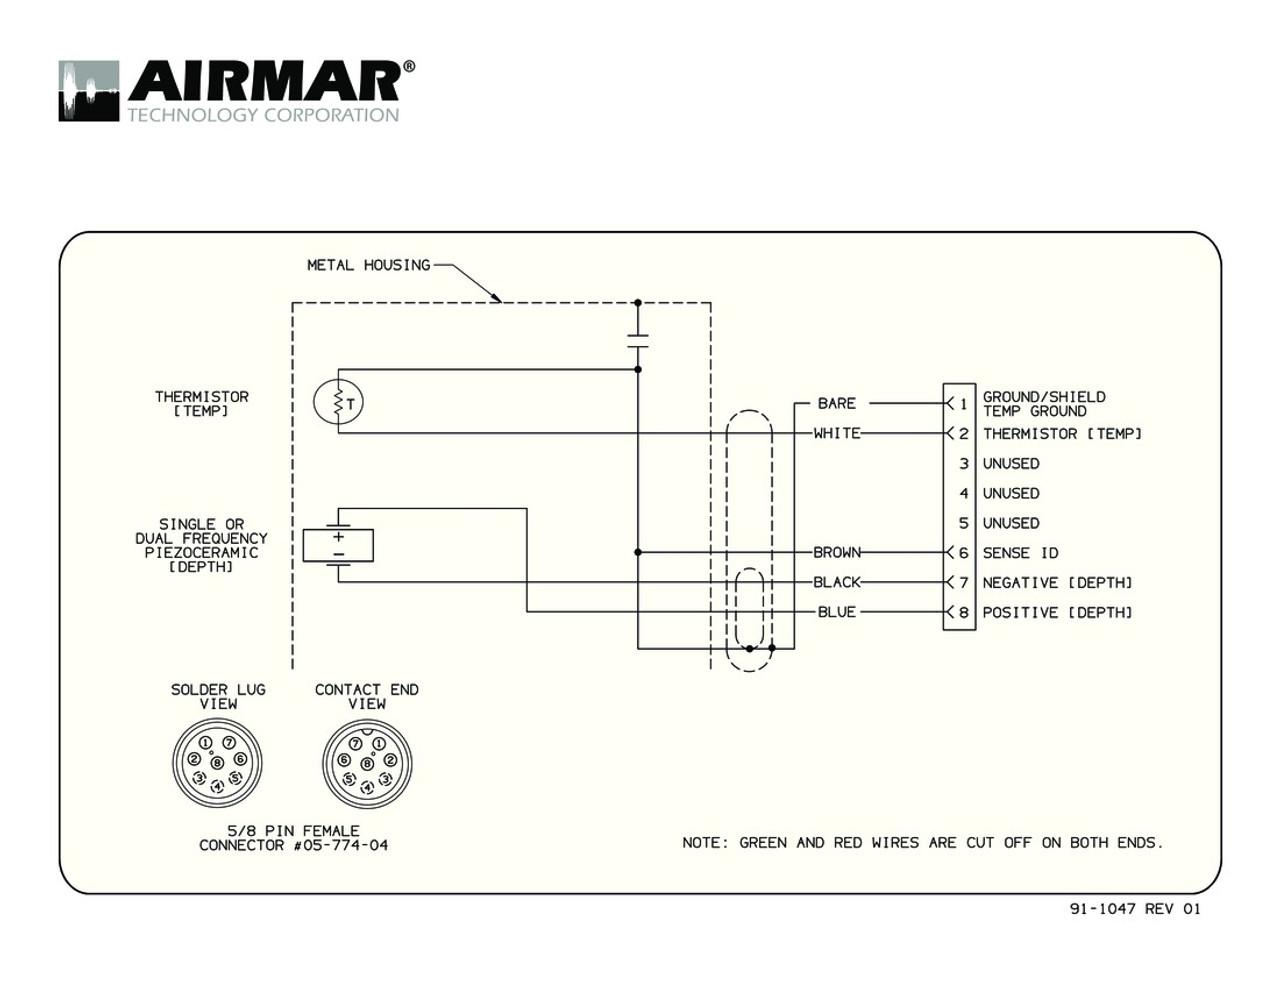 wiring diagram for garmin 3205 online wiring diagram Koolertron Wiring Diagram garmin 3205 wiring diagram wiring diagram data schema wiring diagram for garmin 3205